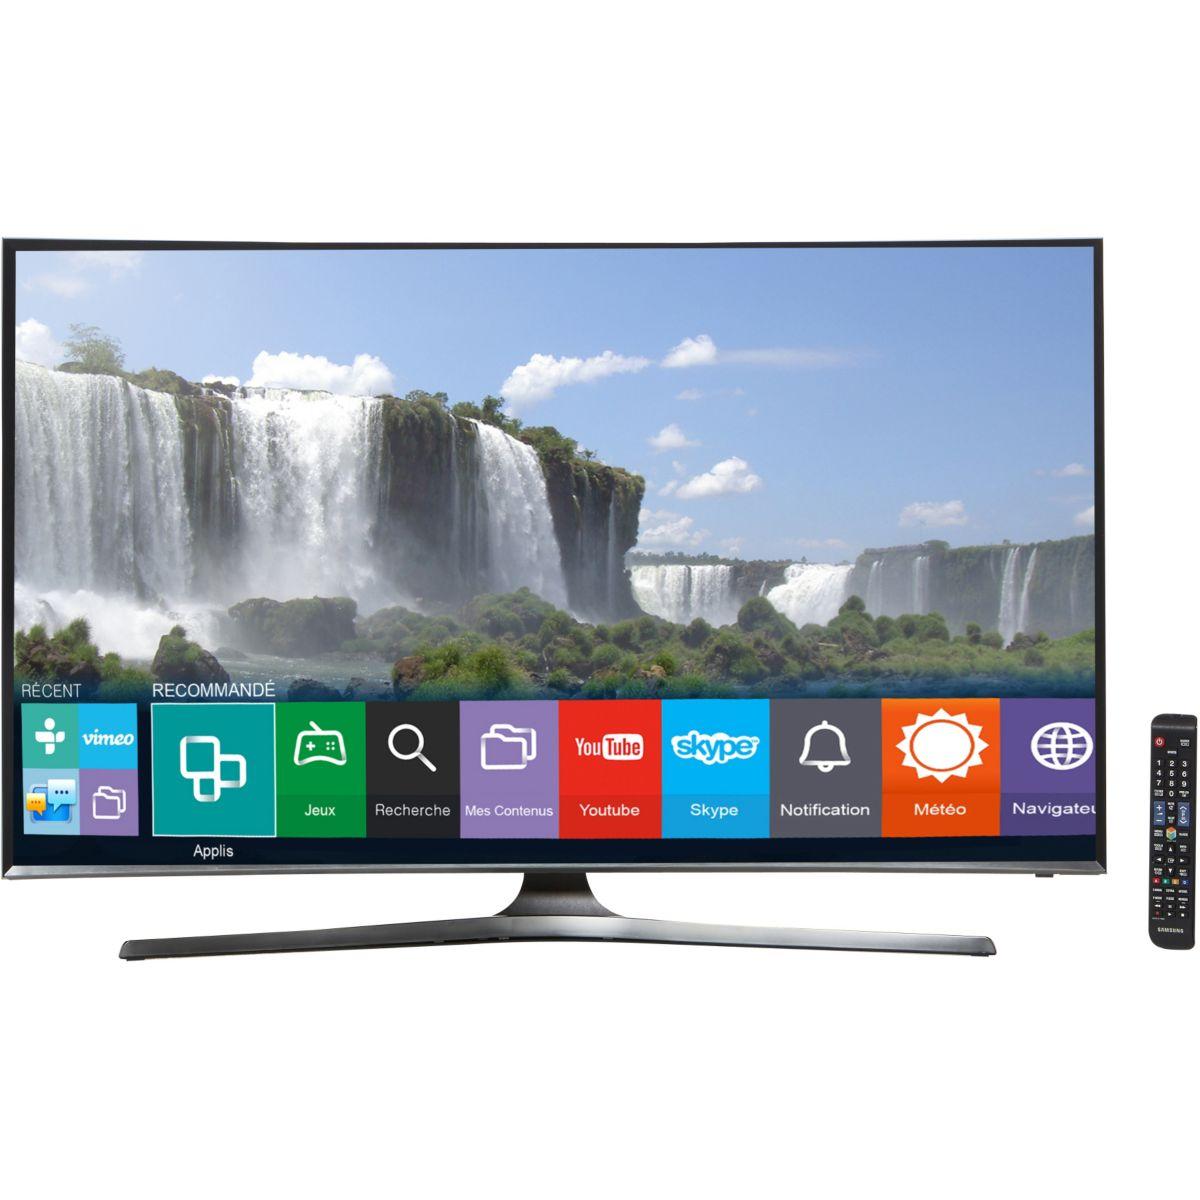 tv samsung ue48j6300 800hz cmr incurve smart tv ebay. Black Bedroom Furniture Sets. Home Design Ideas